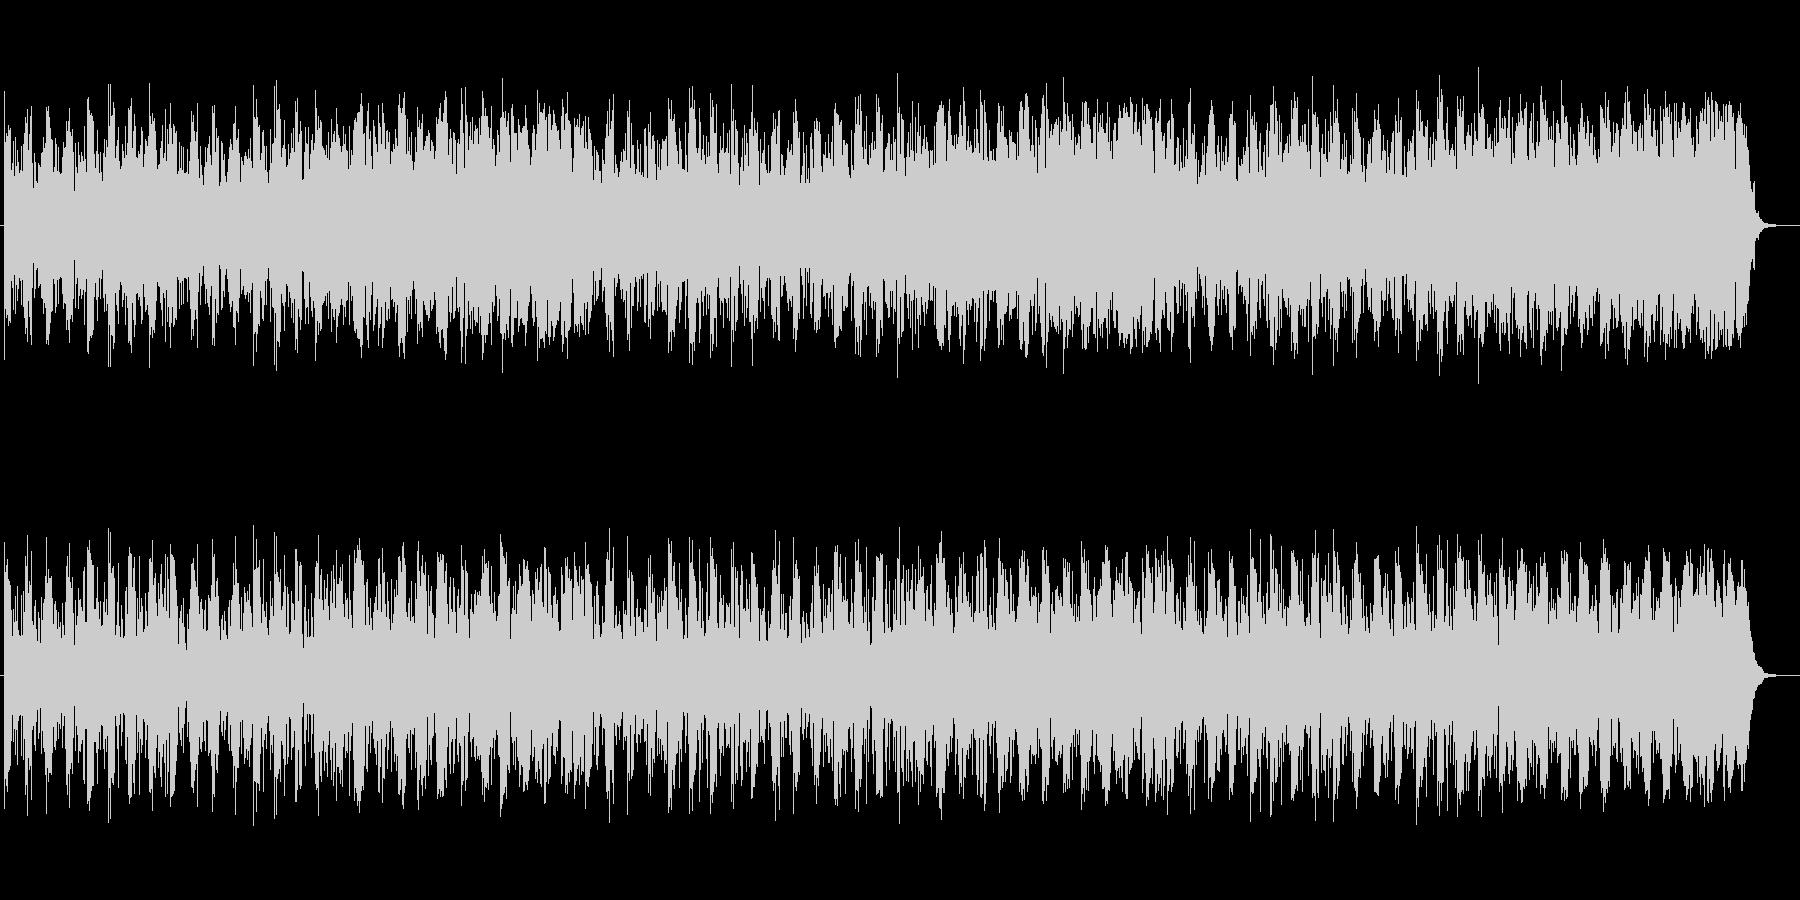 幻想的で重みのあるミュージックの未再生の波形